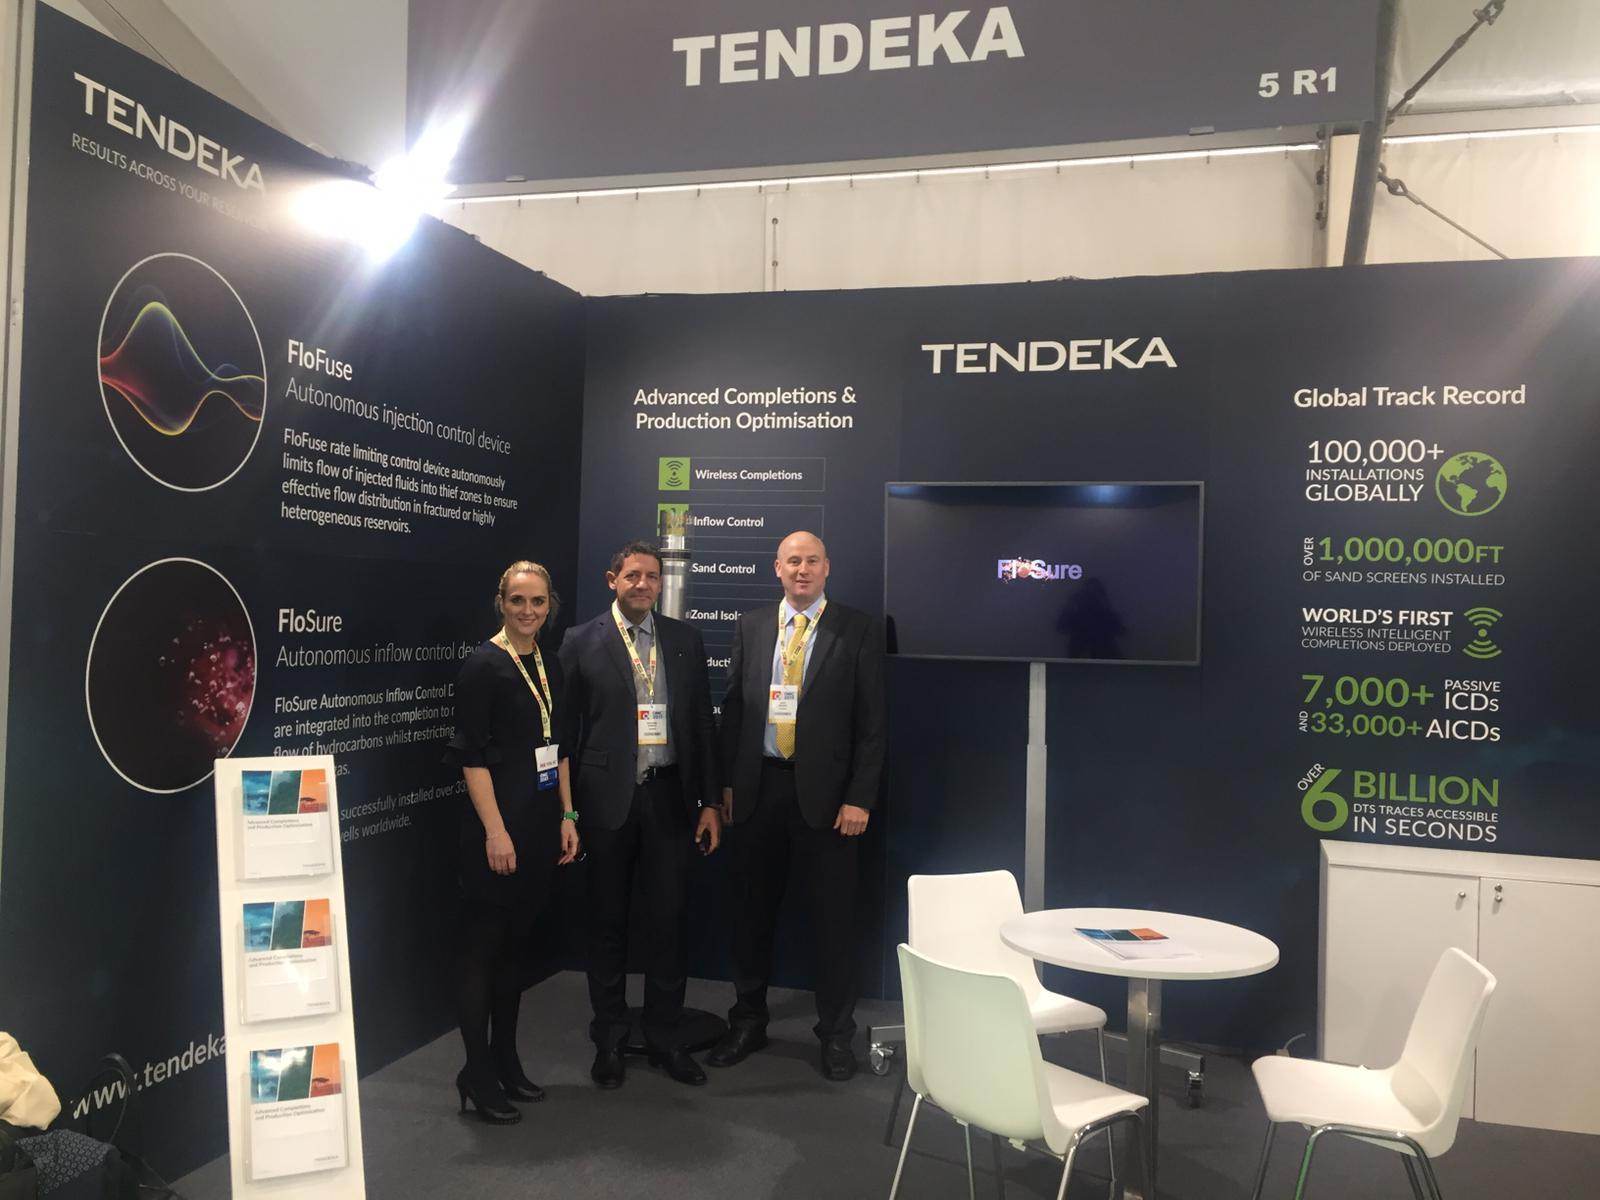 OMC2019 Tendeka stand